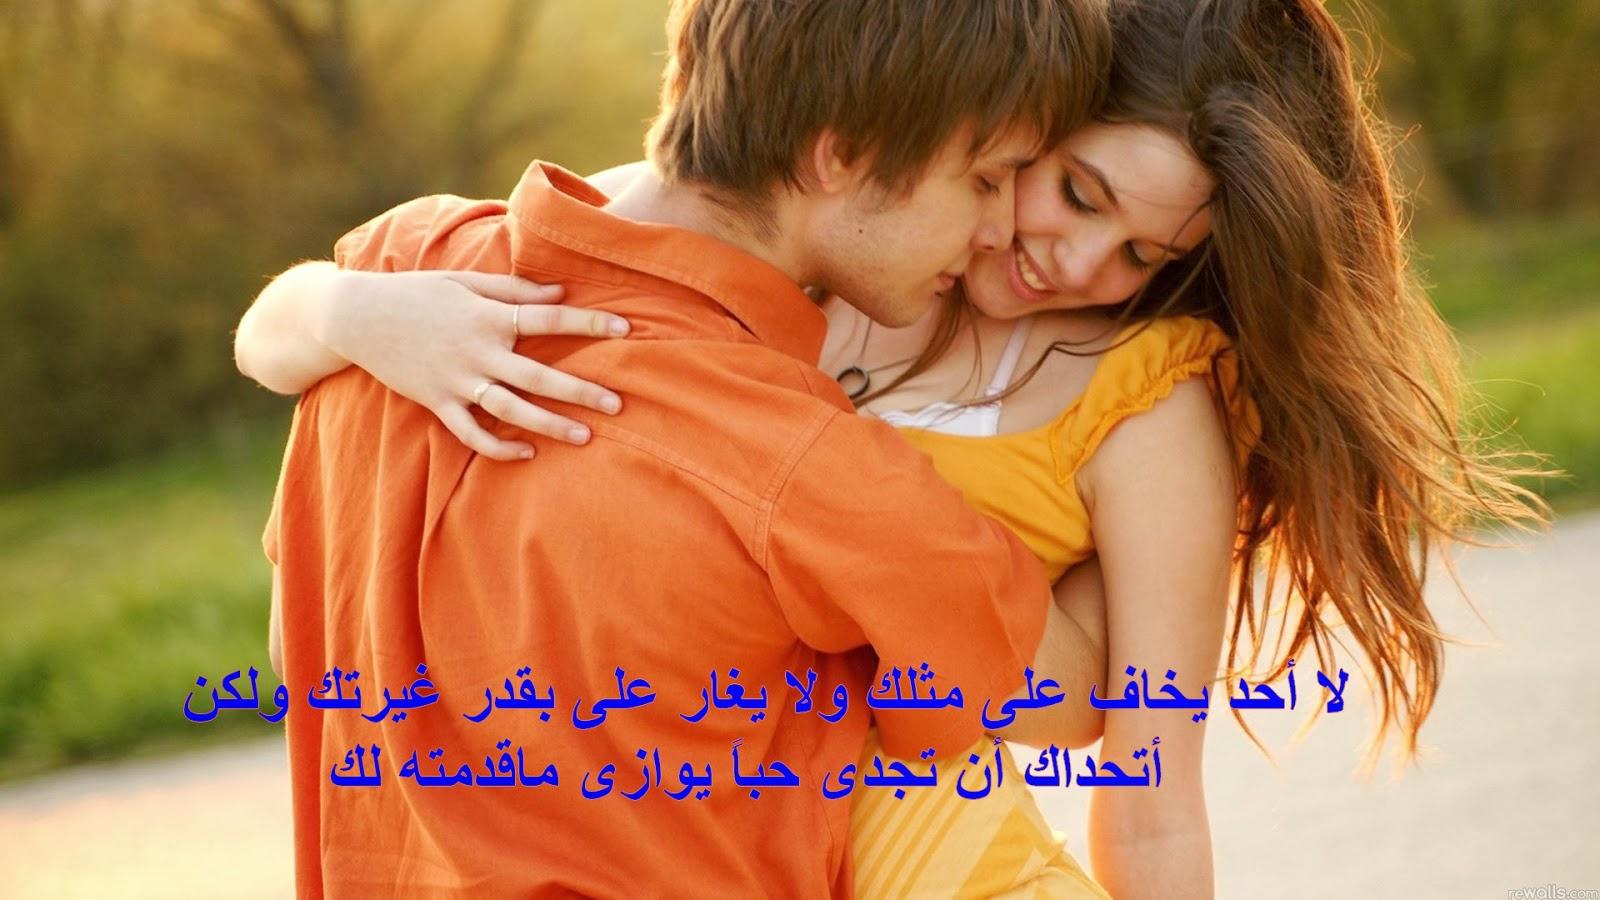 صورة اجمل رومانسيه , كلمات ومشاعر حب ورومانسيه